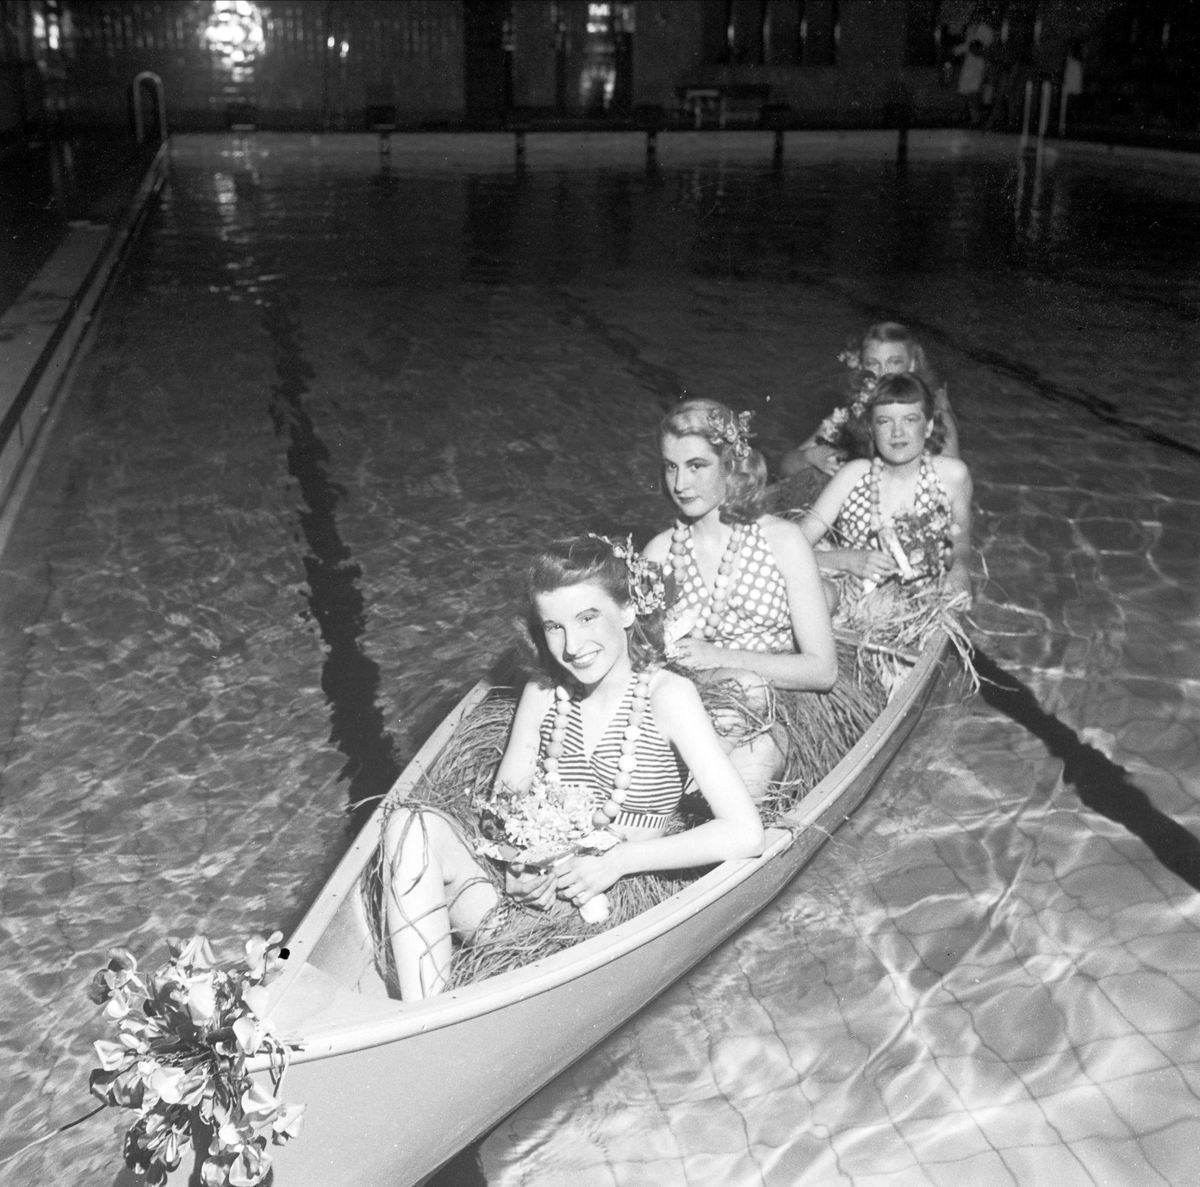 Utklädda elever i kanot, Magdeburg, gymnasium för flickor, Uppsala 1948